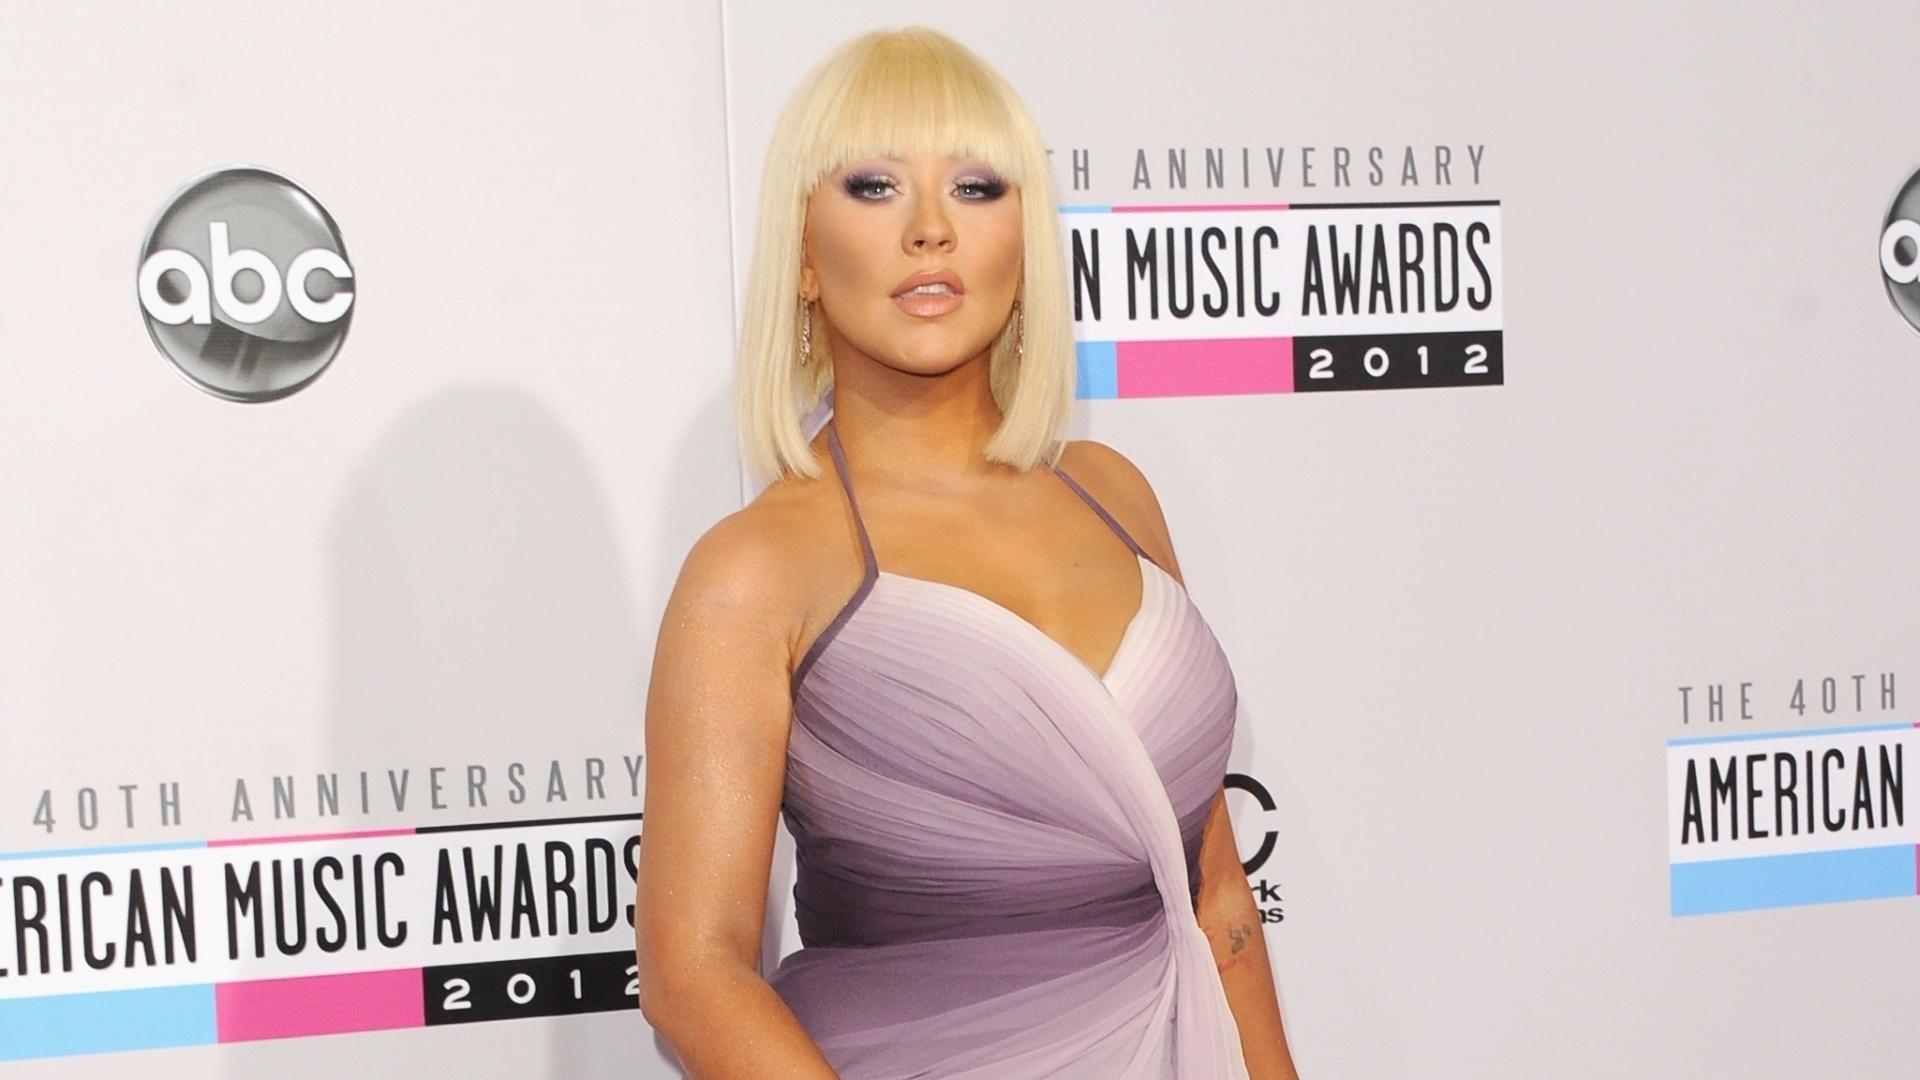 Com alguns quilinhos a mais e com o bronzeamento em dia, a cantora Christina Aguilera se apresenta na 40°edição do American Music Awards, em Los Angeles, nos EUA (18/11/12)